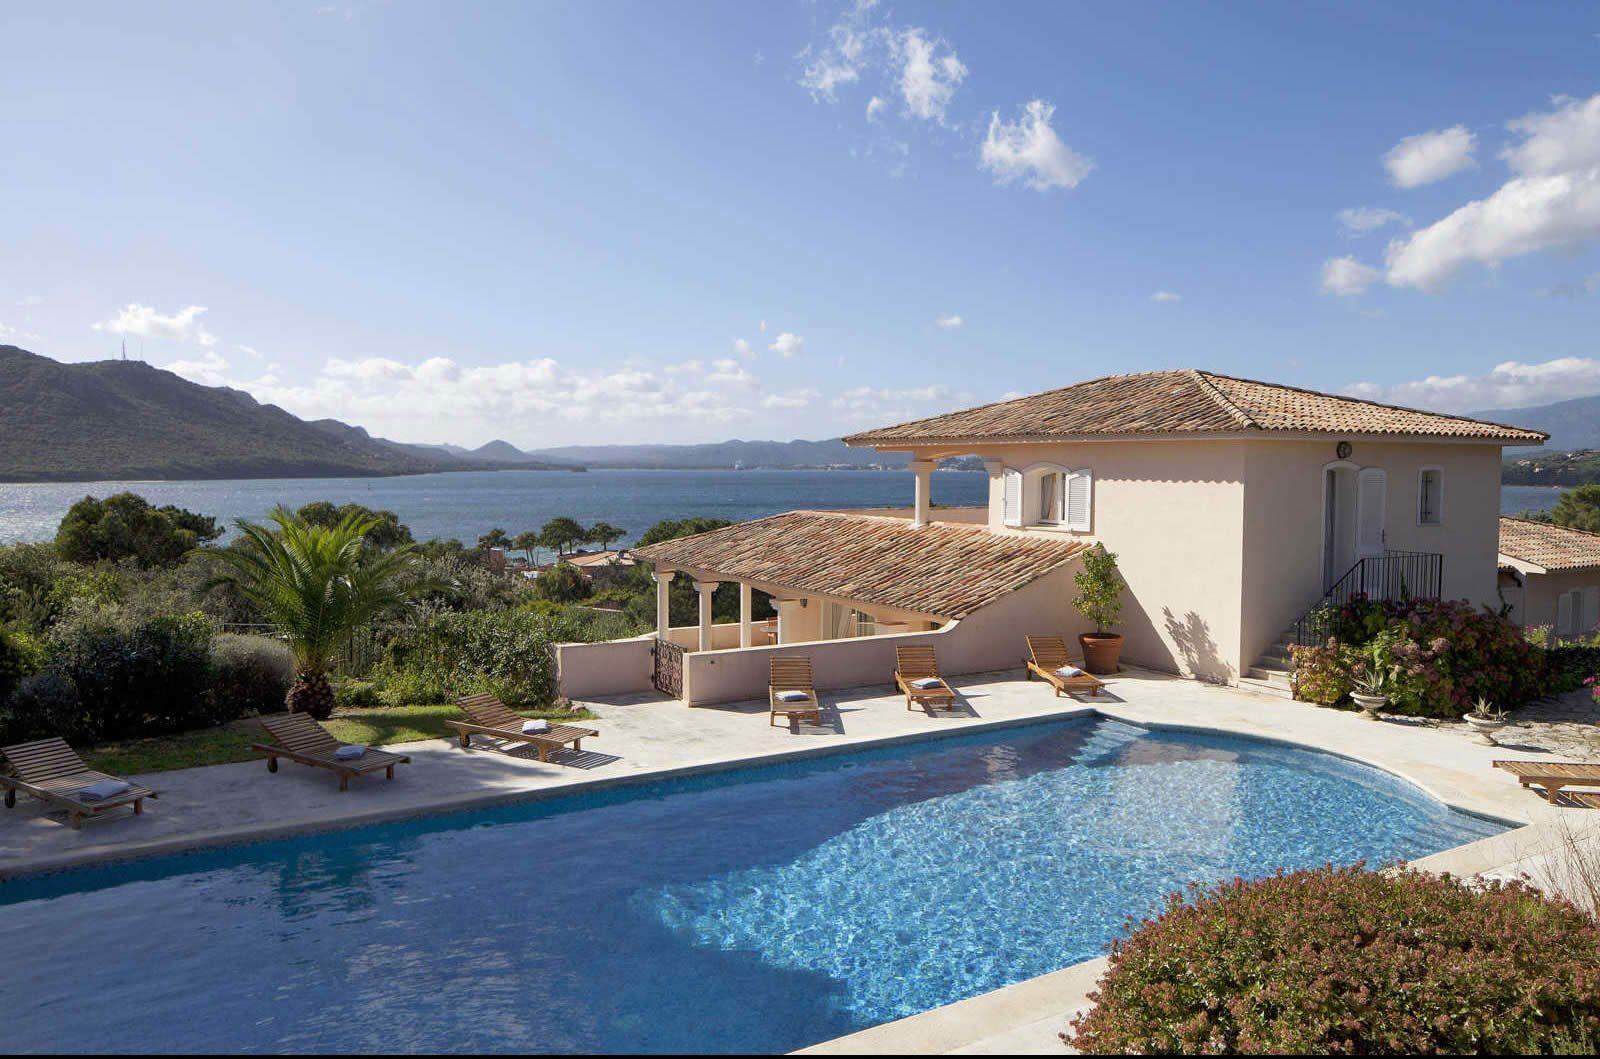 Louer une villa en corse nord ou sud avec piscine for Location en sicile avec piscine